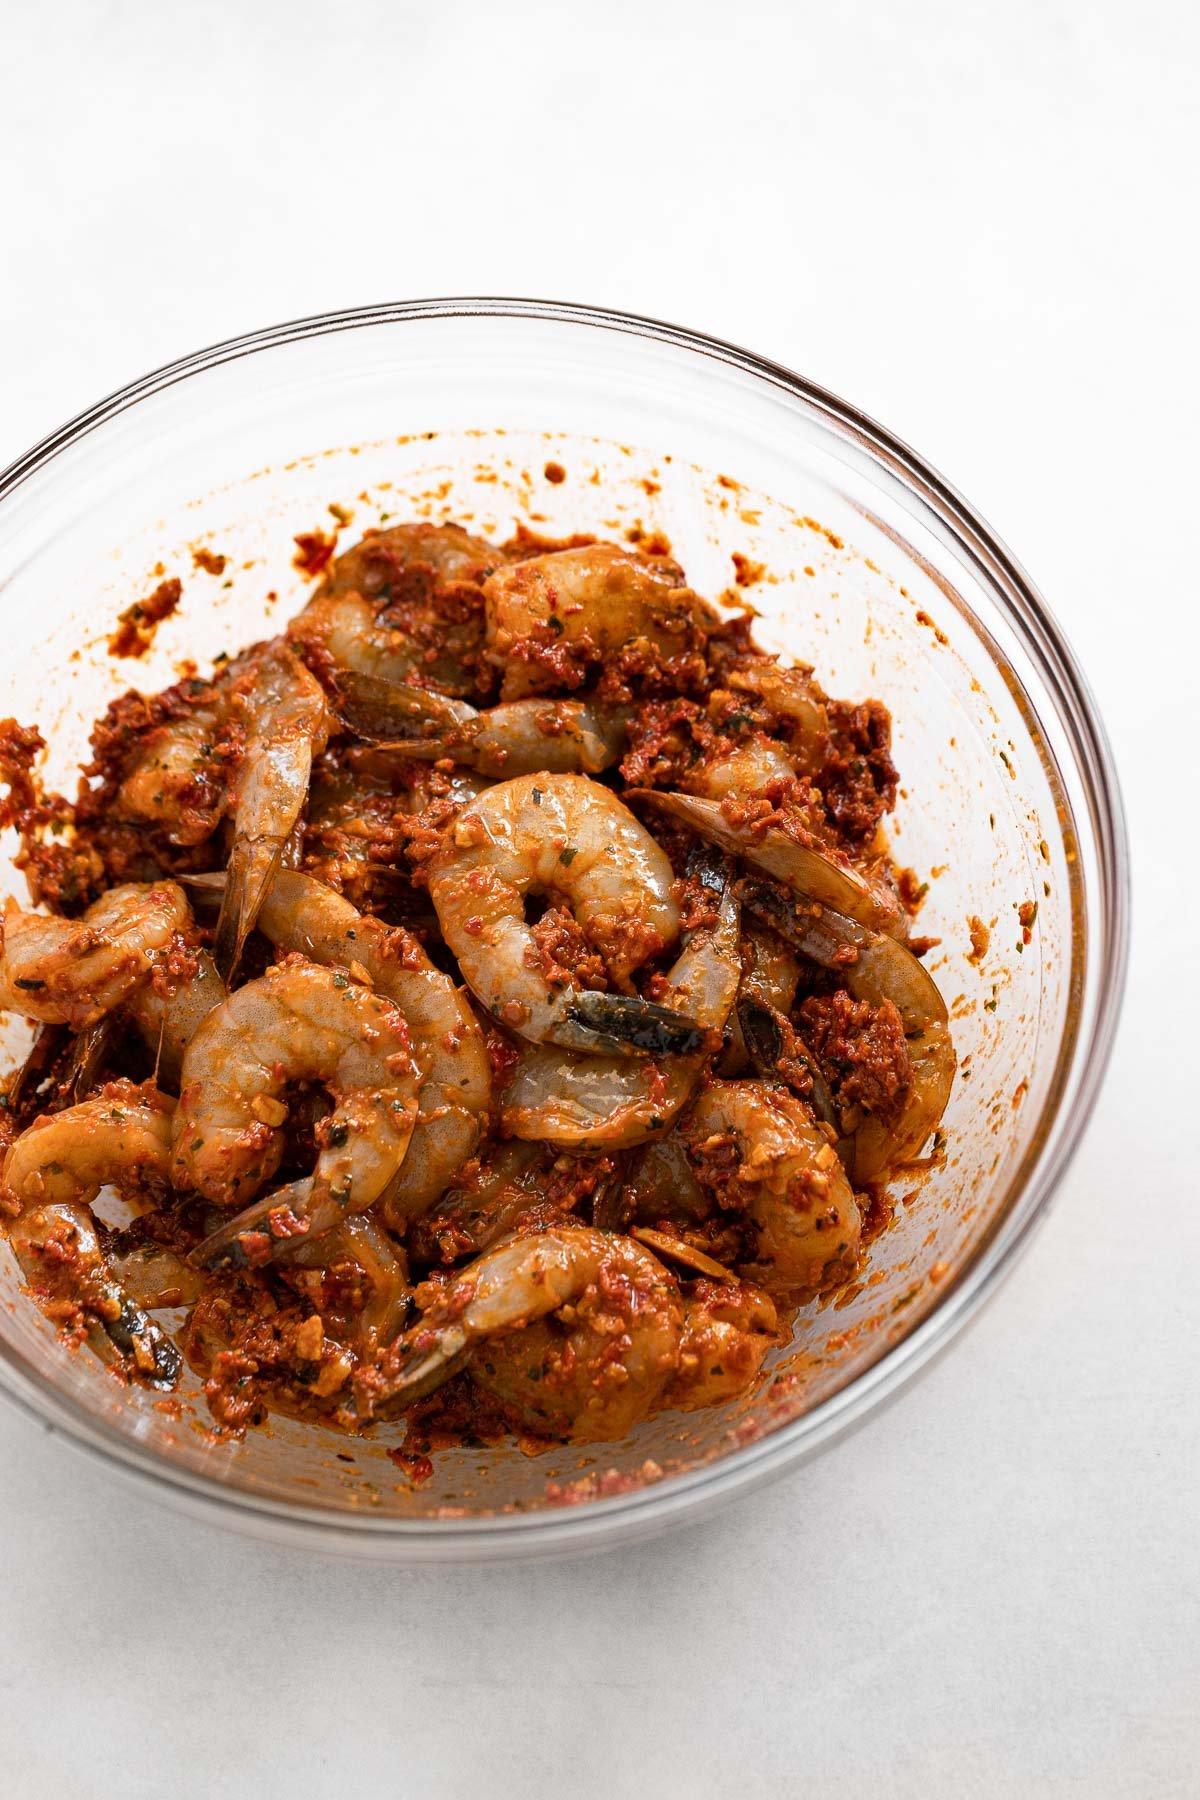 Glass bowl of shrimp tossed in romesco marinade.